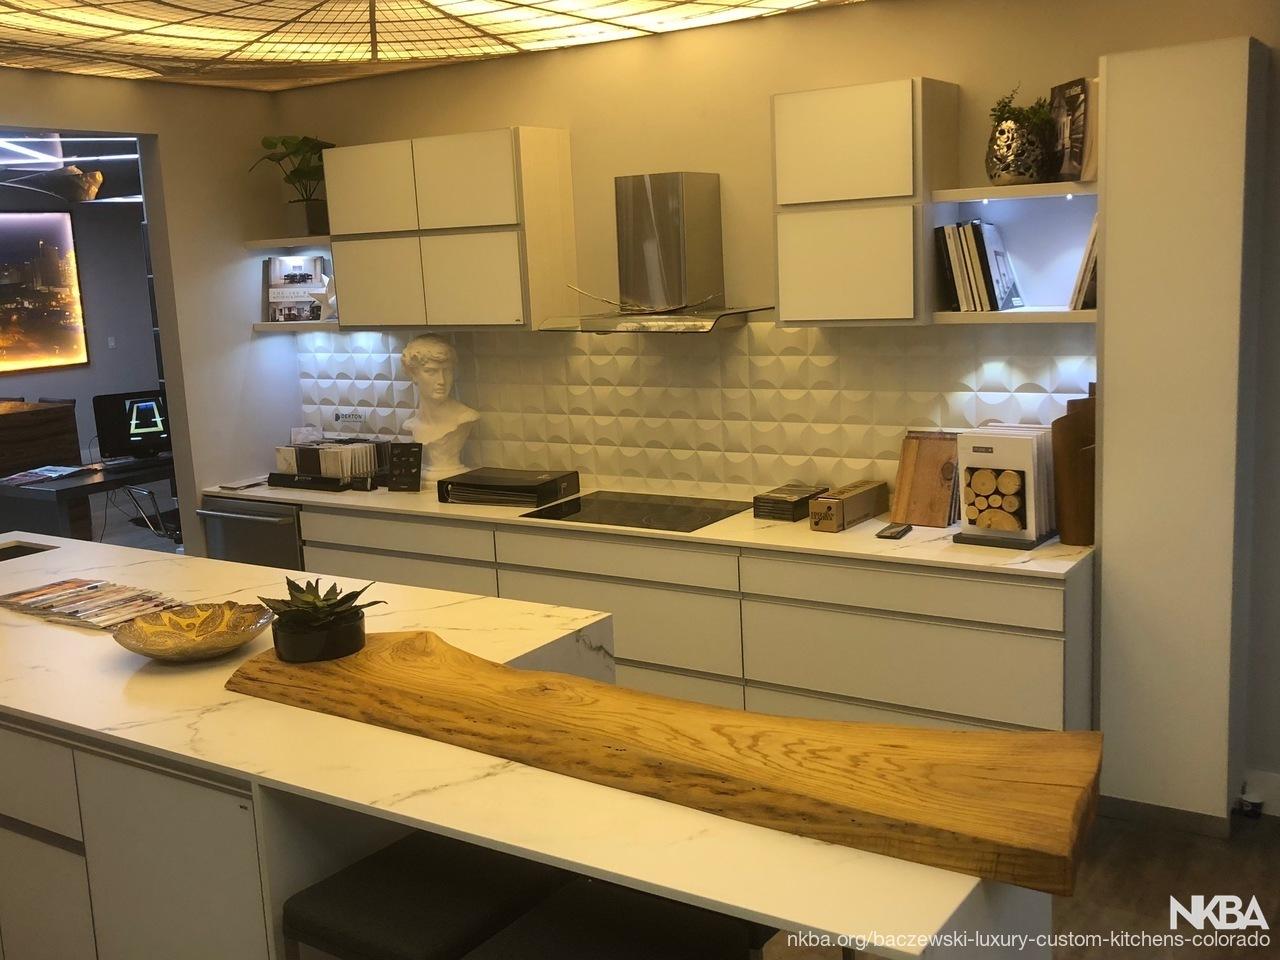 European Kitchens Denver Colorado - NKBA